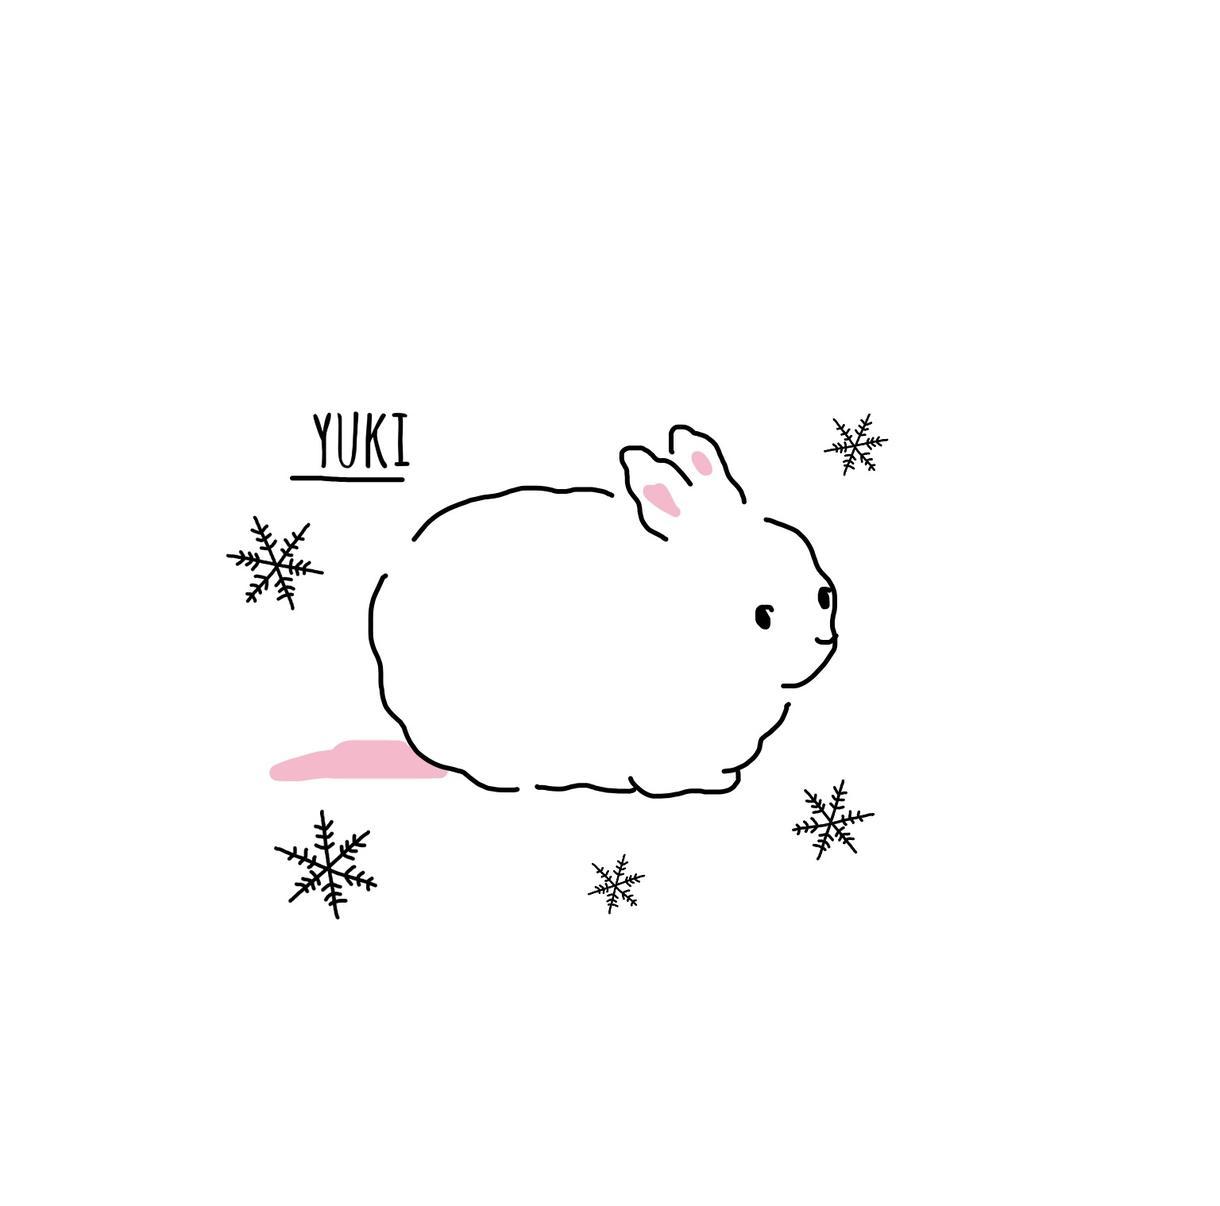 ペットちゃんや動物さんの絵を描きます ゆる〜いタッチとカラフルな色味で♬︎